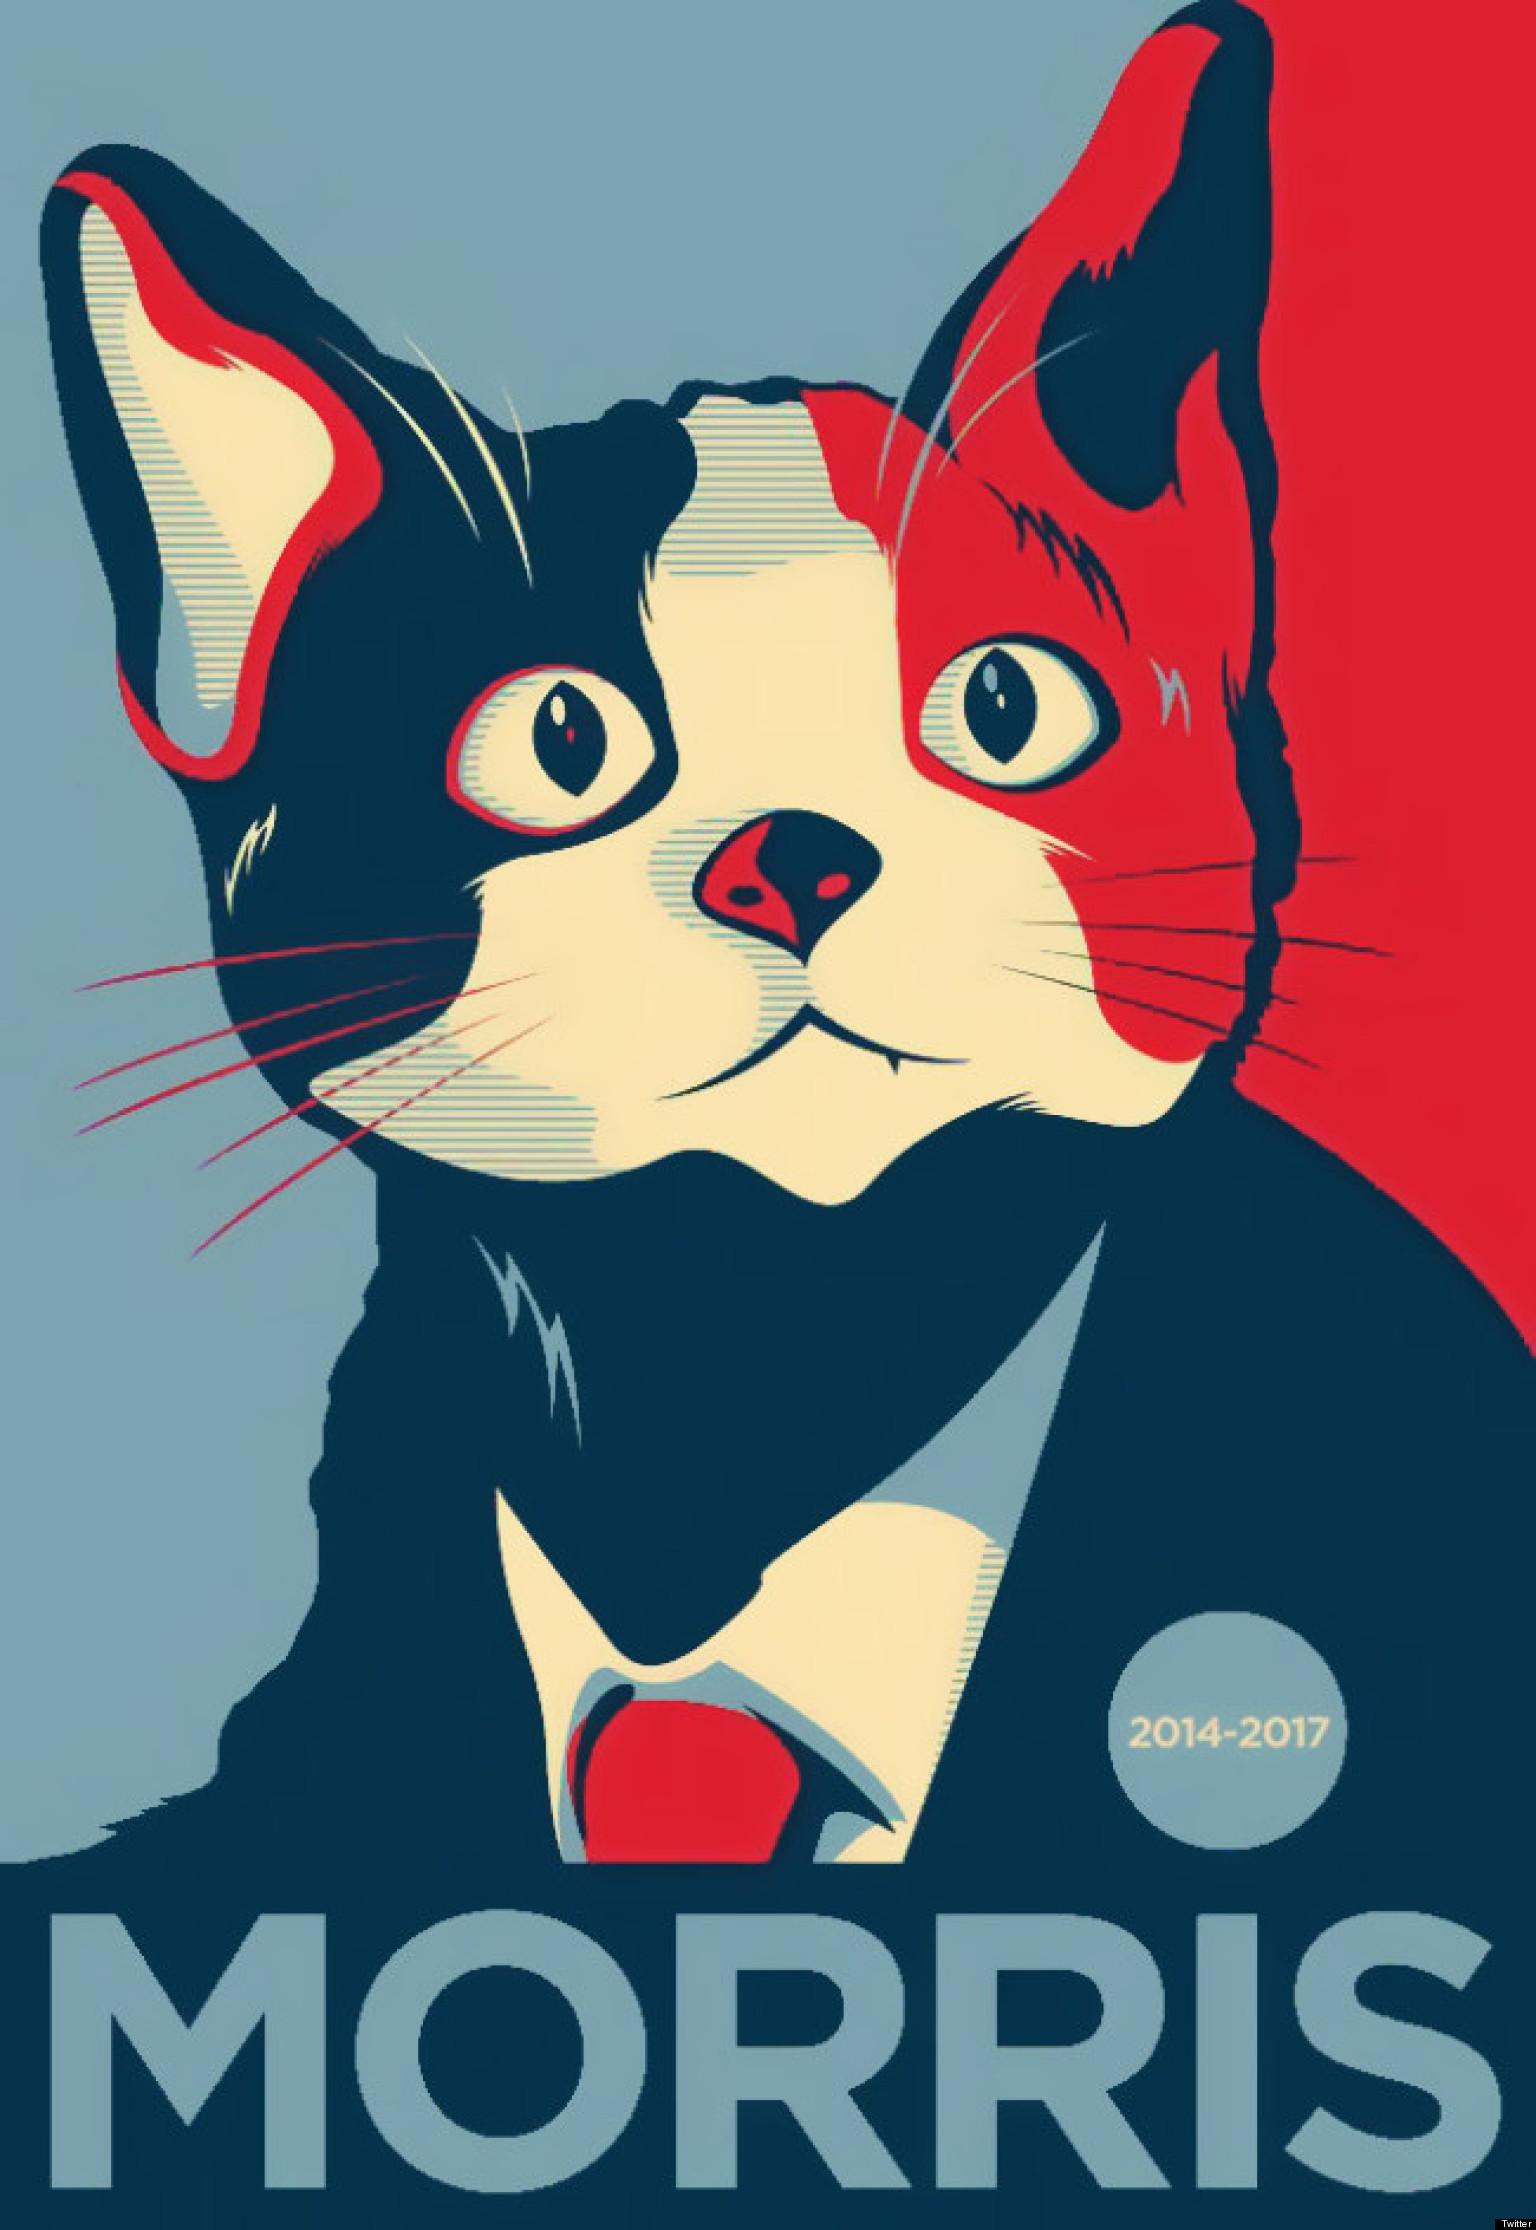 http://i.huffpost.com/gen/1179829/thumbs/o-MORRIS-CAT-FOR-MAYOR-facebook.jpg